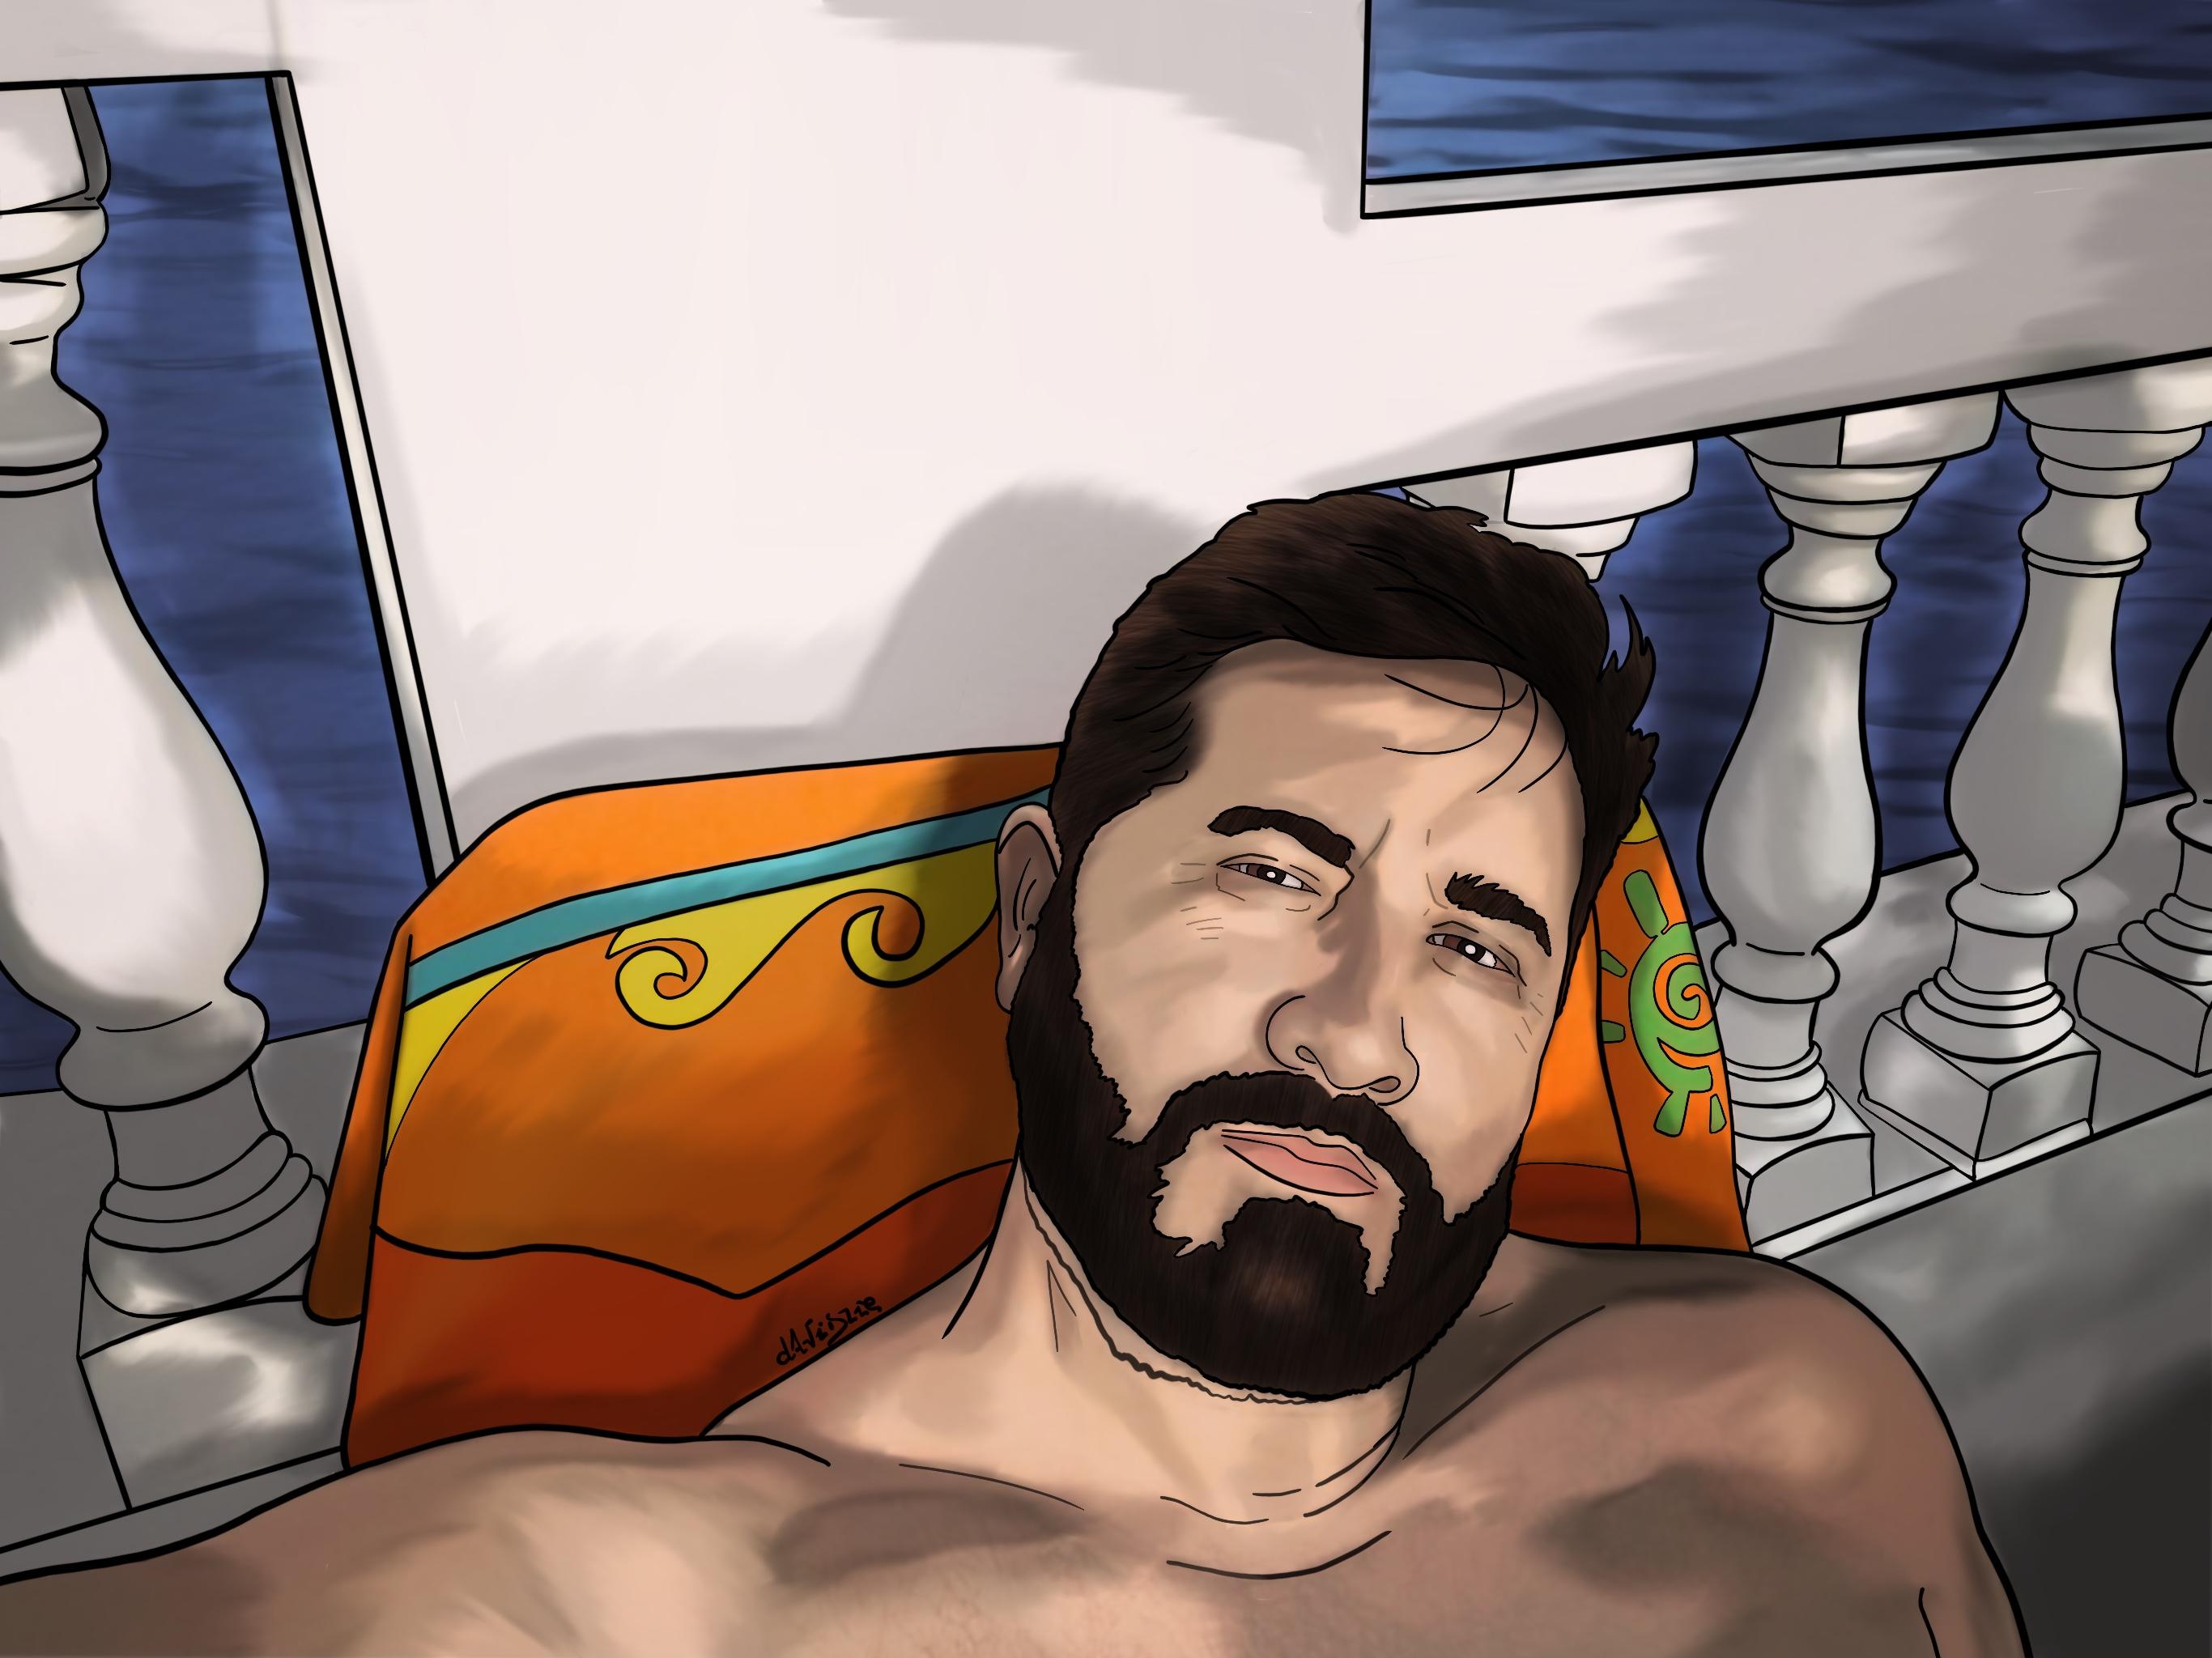 Retratos__David_Pallás_Gozalo_dioneubri.